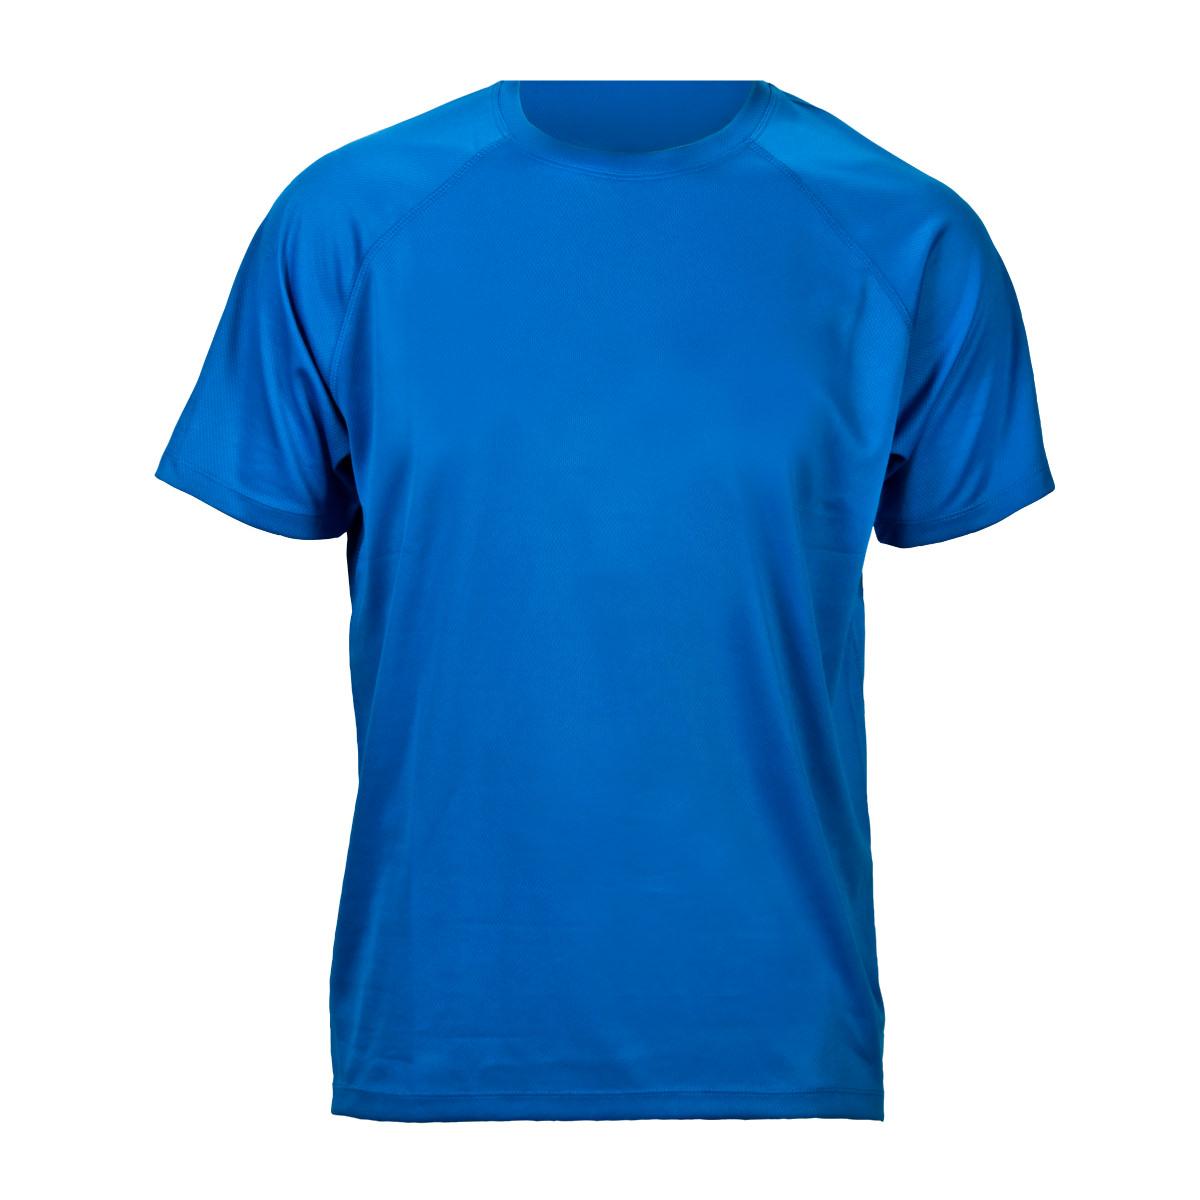 חולצת ריצה DRY-FIT - סטארט